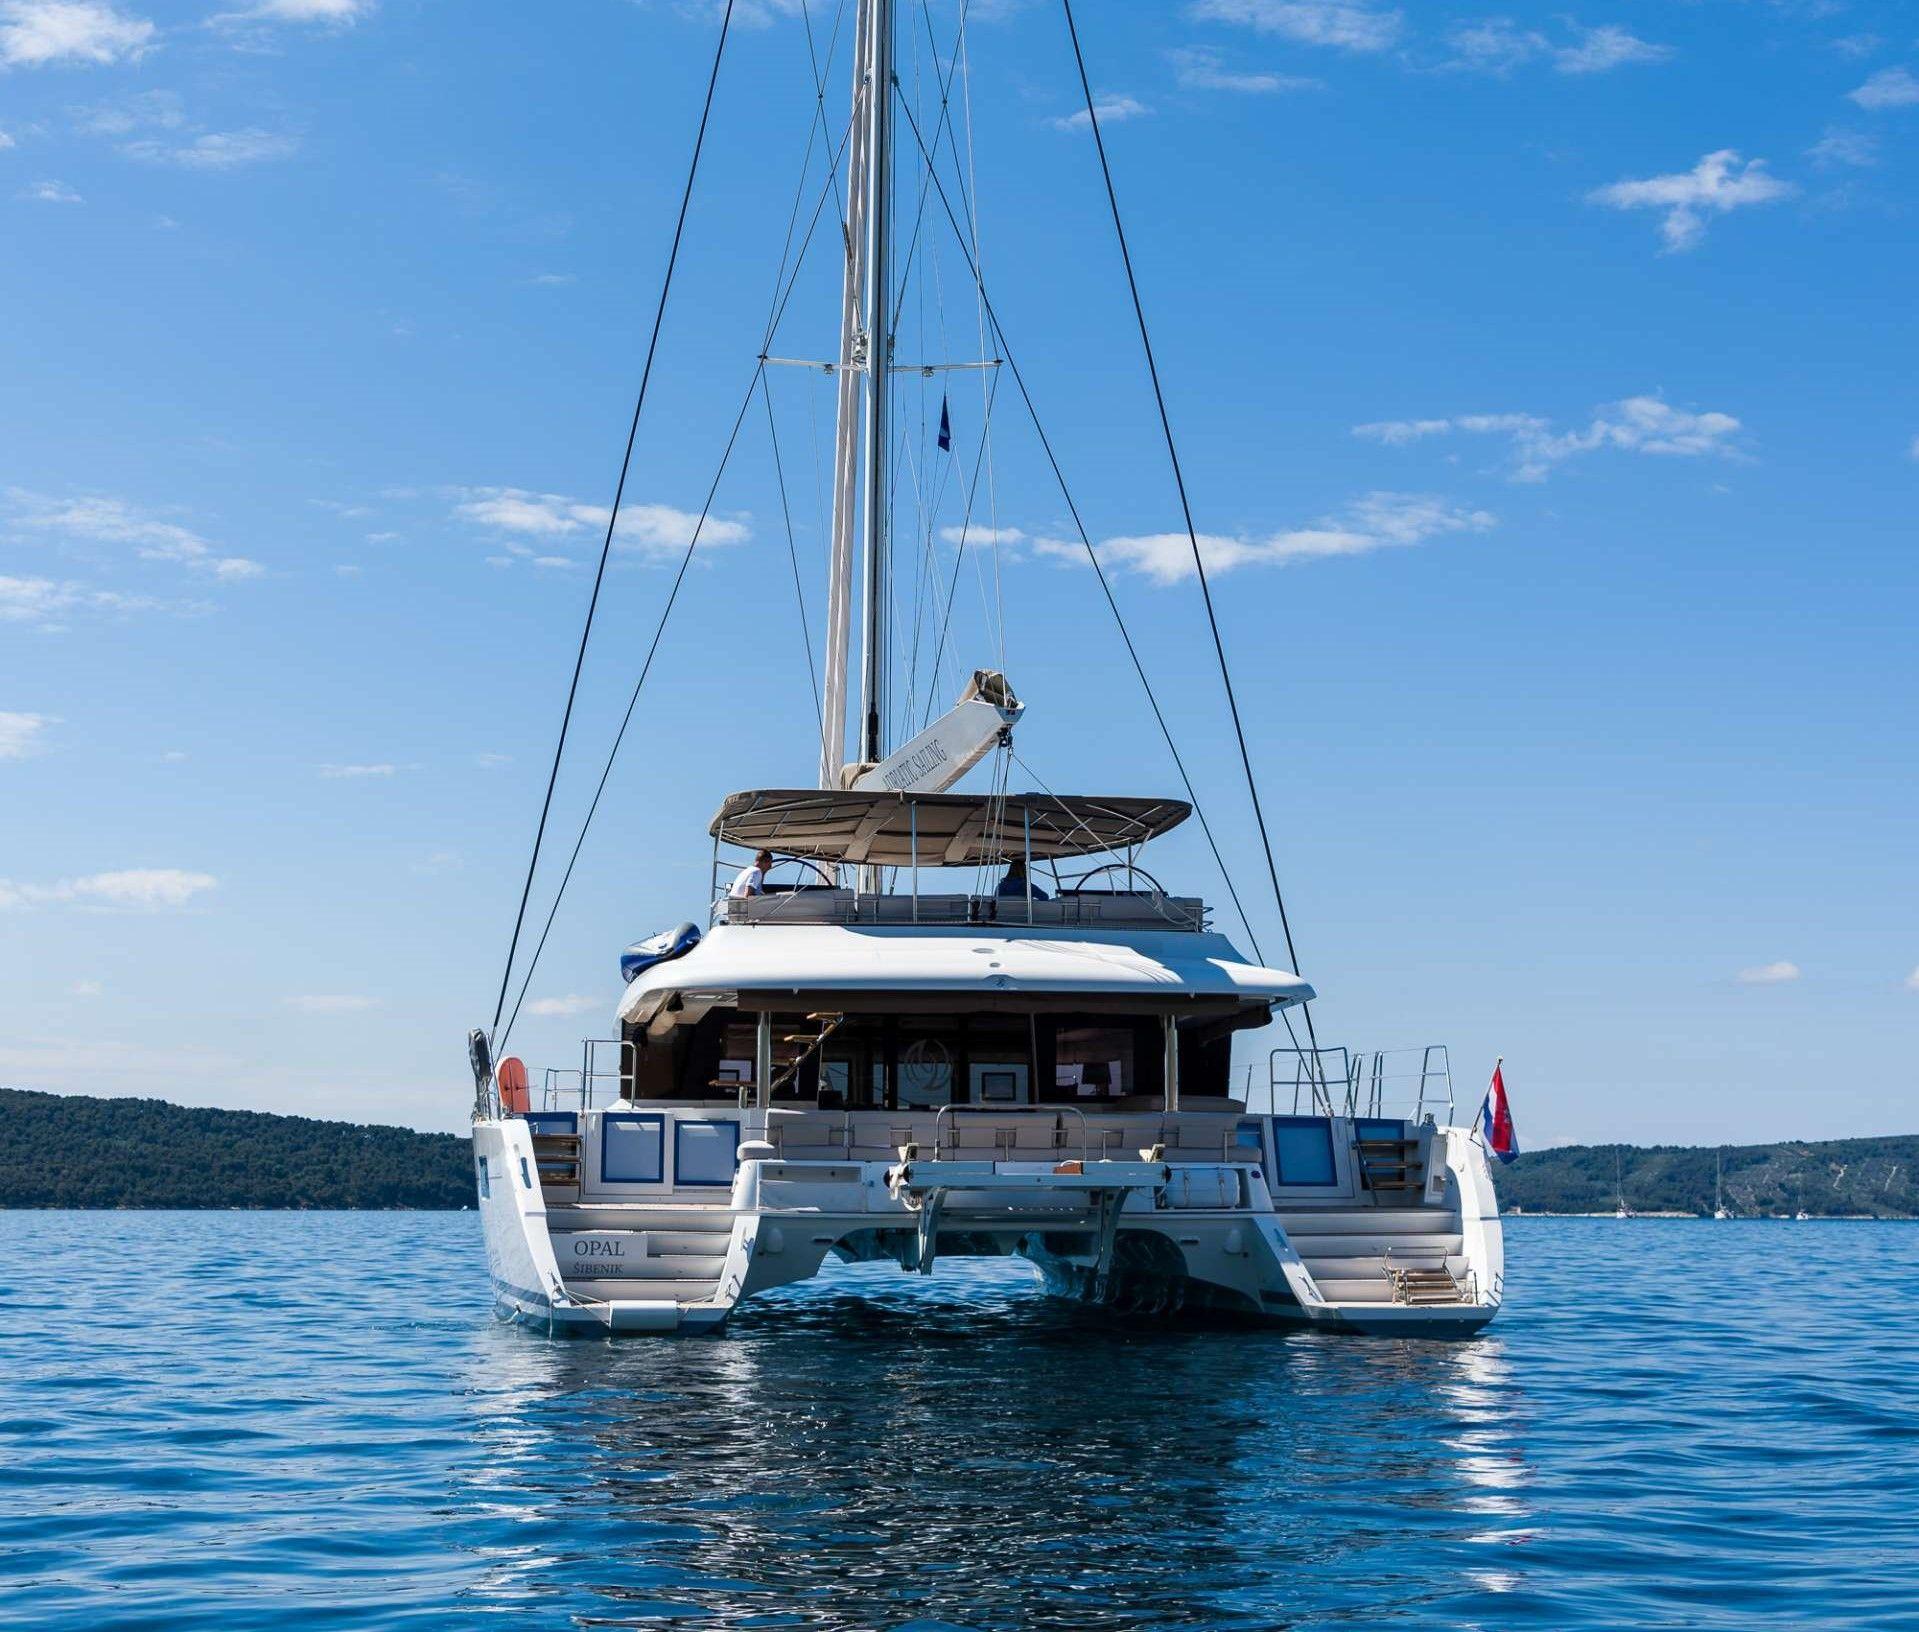 OPAL Lagoon 620 Luxury Catamaran Rear View